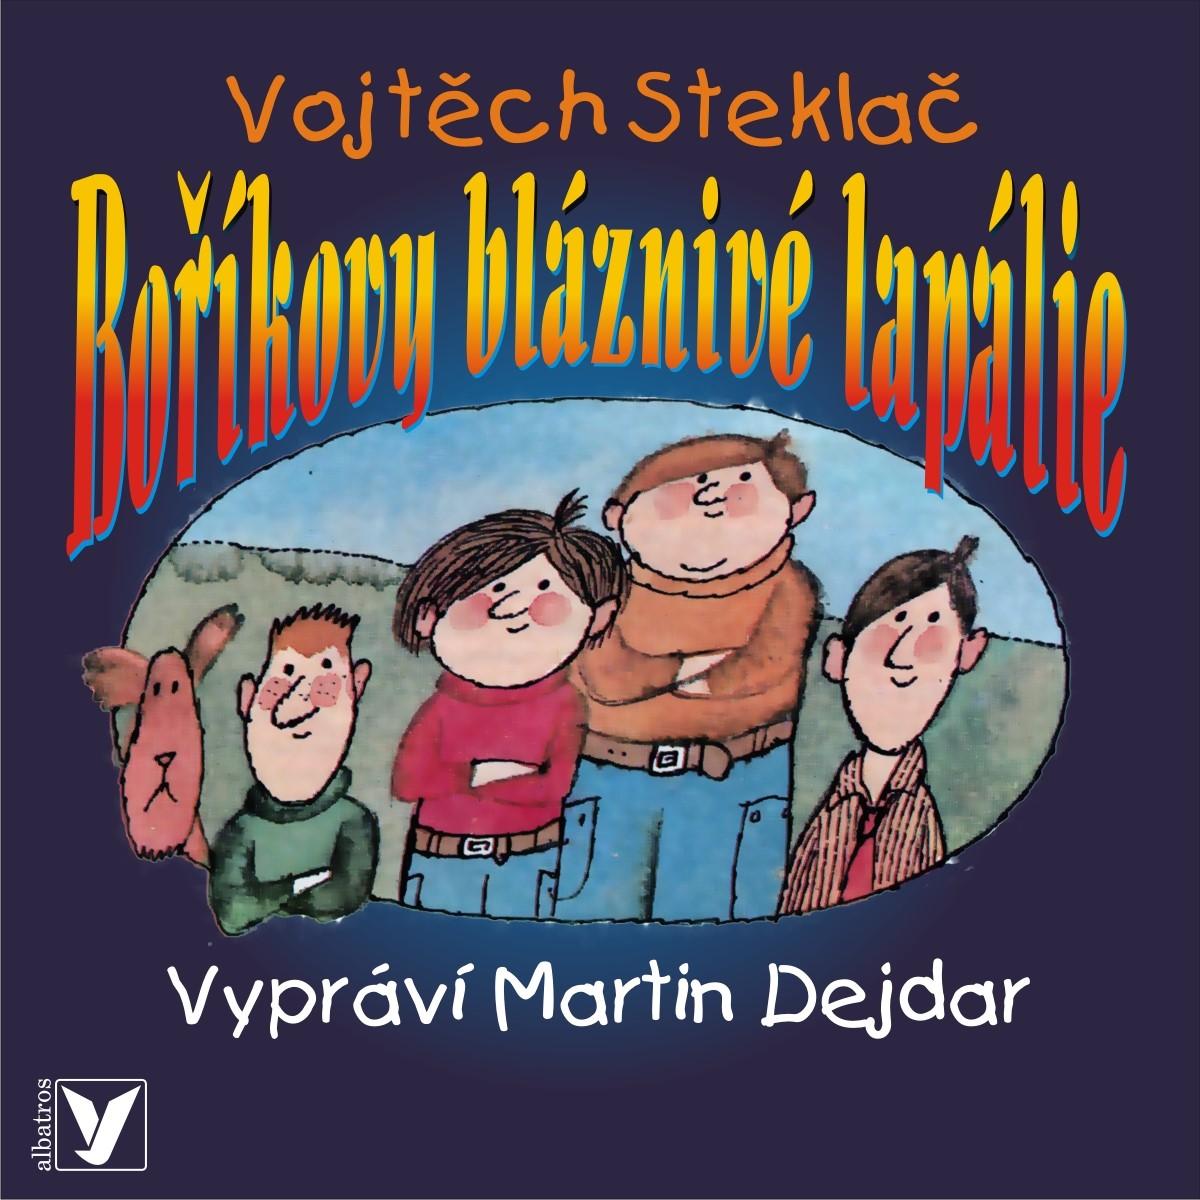 Boříkovy bláznivé lapálie (audiokniha pro děti)   Vojtěch Steklač, Martin Dejdar